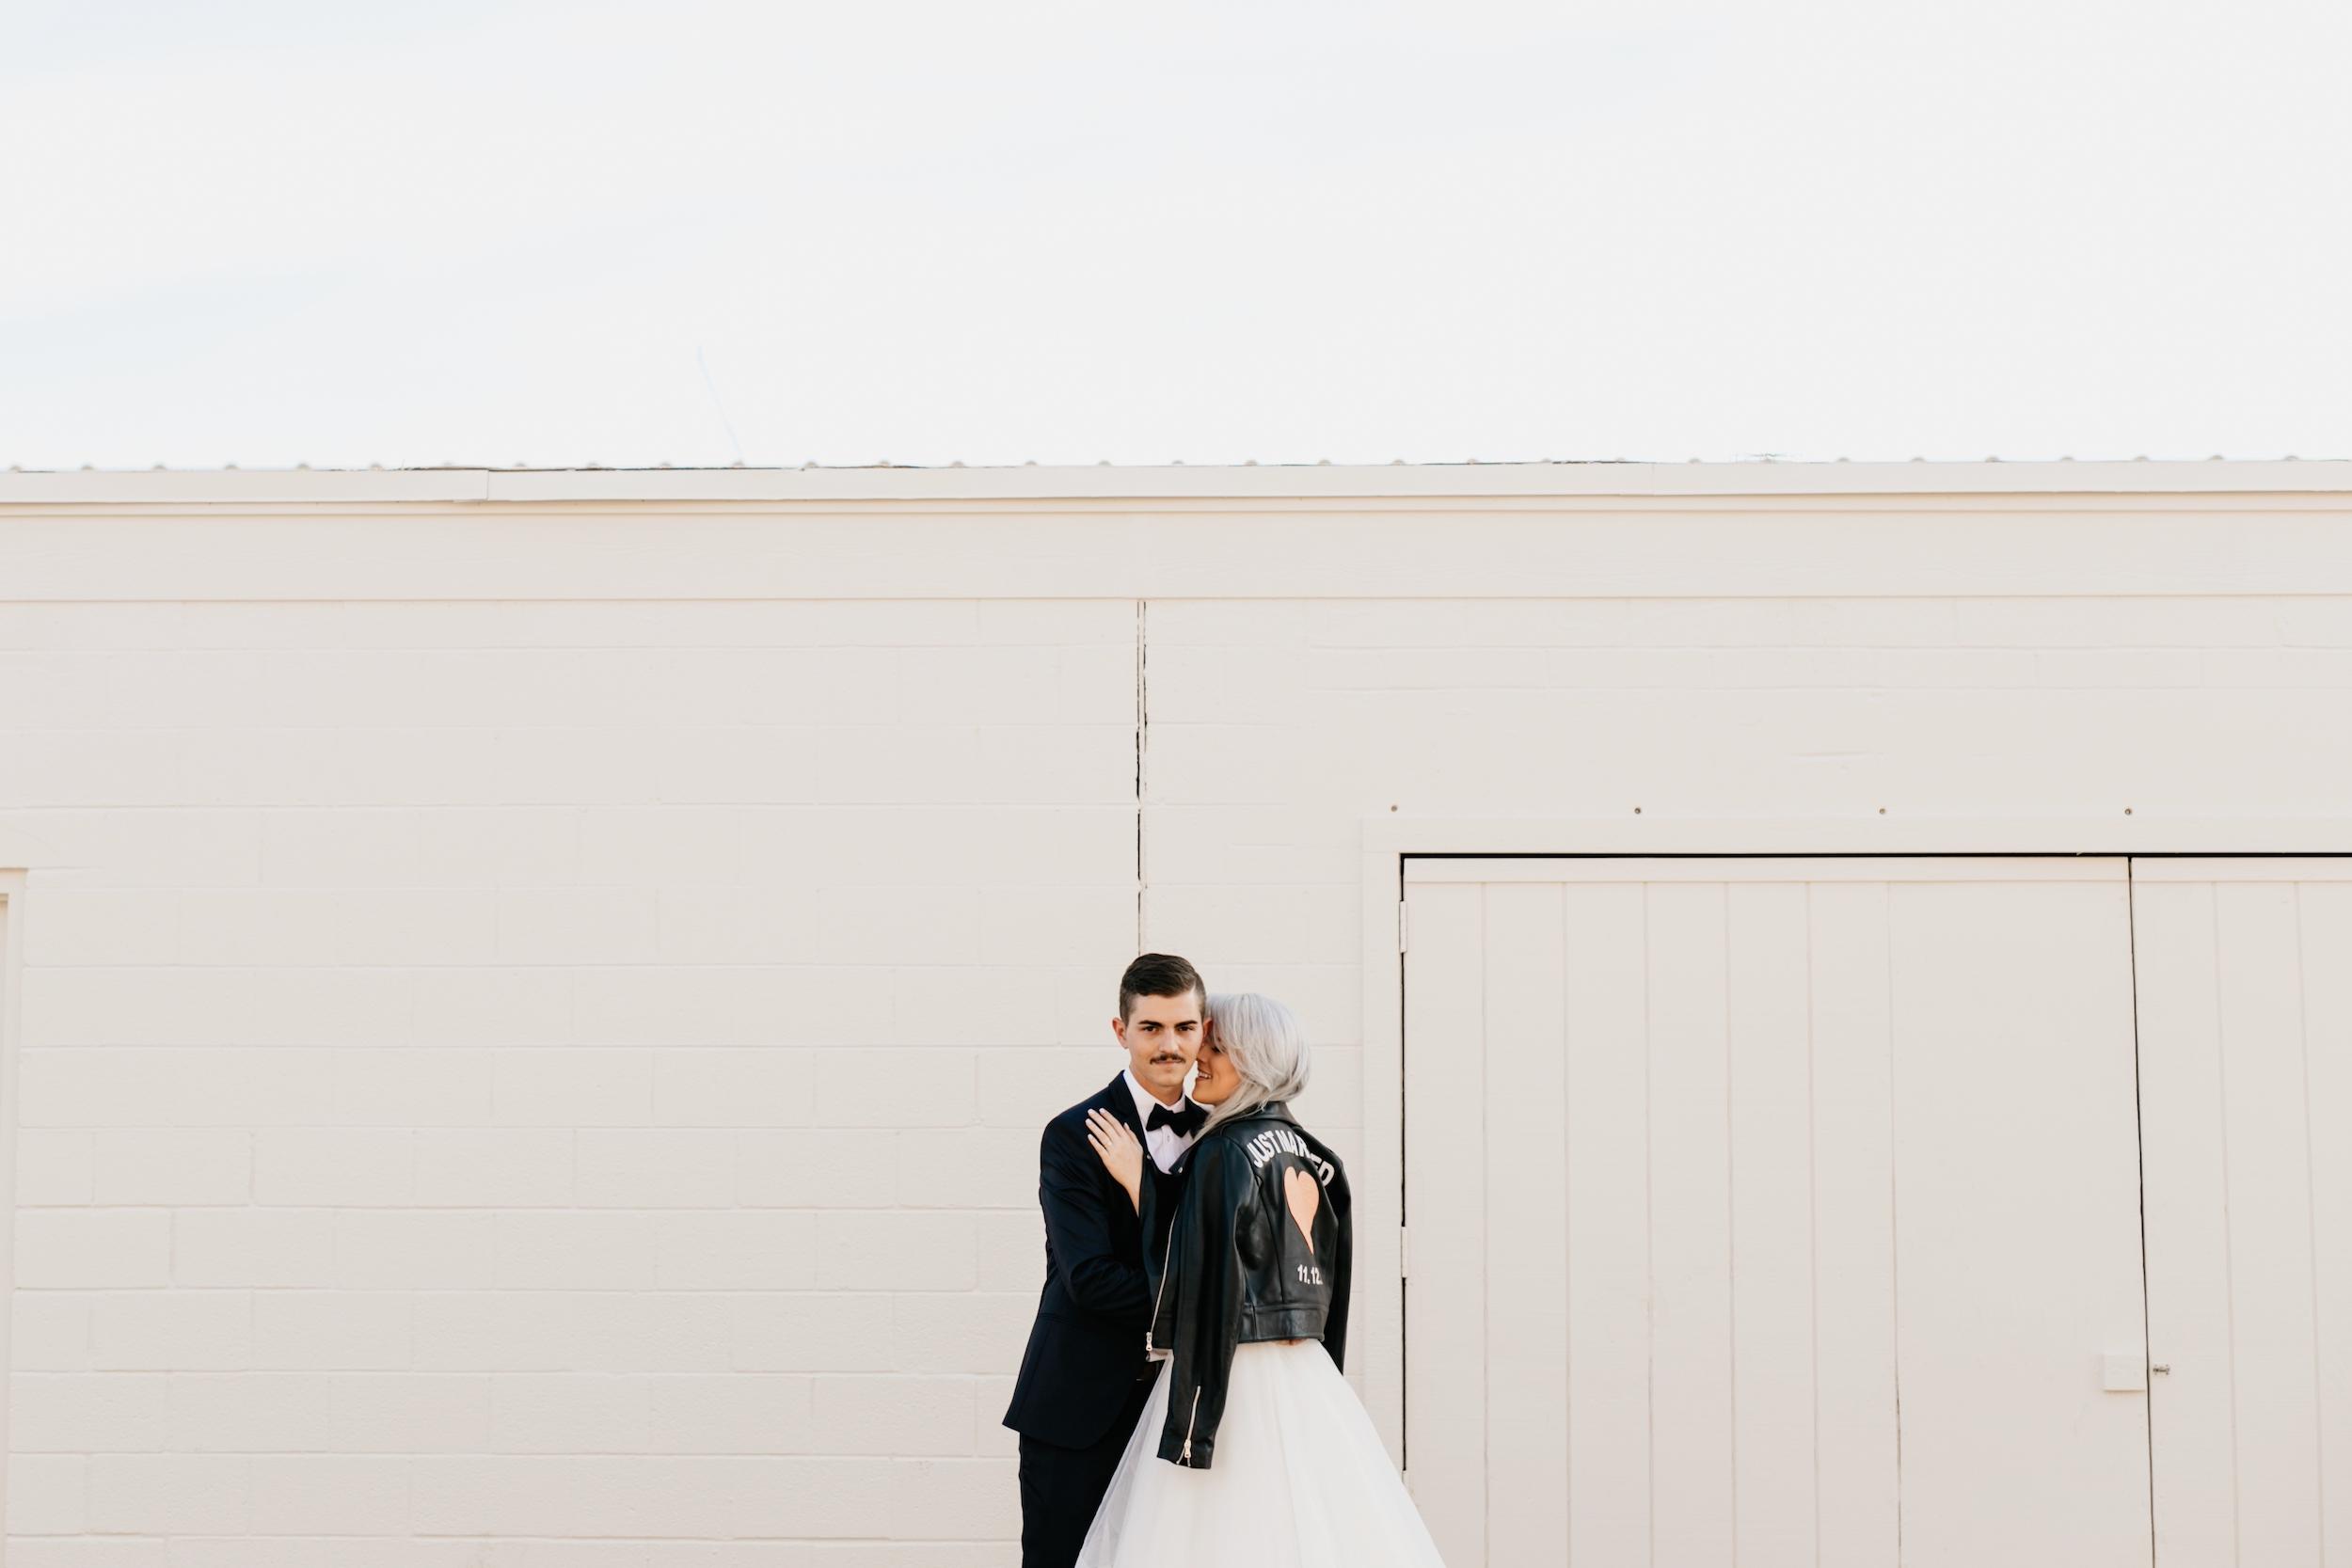 arizona - wedding - photography 01467.jpg